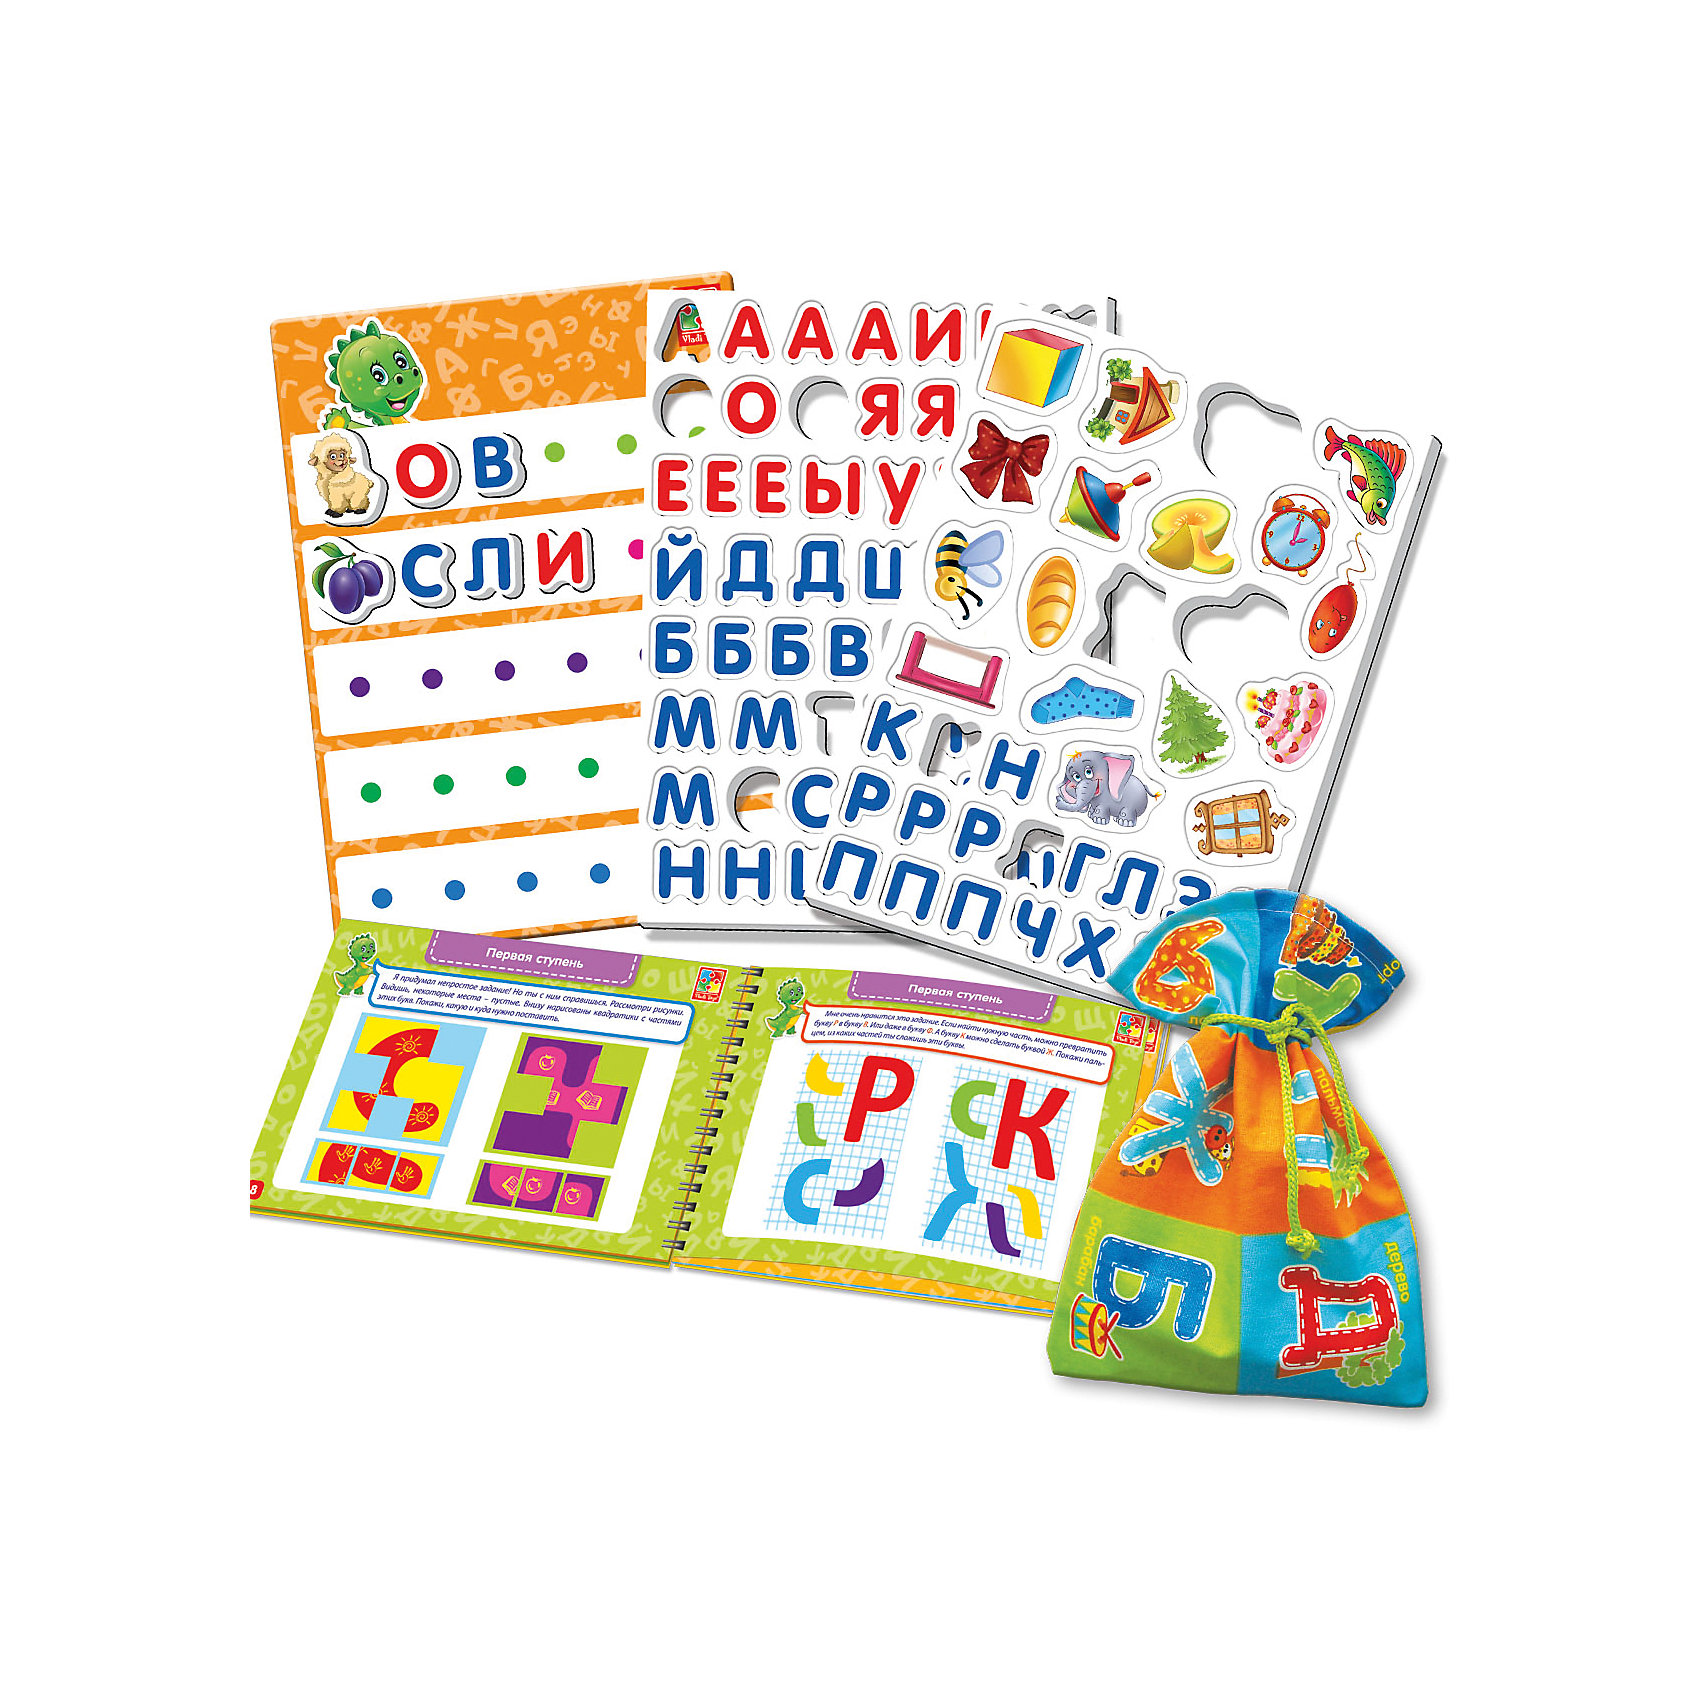 Настольная игра Больше чем Азбука, Vladi ToysИгры для дошкольников<br>Характеристики:<br><br>• Вид игр: обучающие, развивающие<br>• Серия: Настольные игры<br>• Пол: универсальный<br>• Материал: картон, пластик, текстиль, магнит<br>• Цвет: голубой, красный, оранжевый, зеленый, желтый и др.<br>• Комплектация: магнитная доска, декоративные наклейки, 73 магнитные буквы, 19 магнитных картинок, игровой кубик, методическое пособие с заданиями, текстильный мешочек<br>• Размеры упаковки (Д*Ш*В): 39,5*7,5*30 см<br>• Тип упаковки: картонный чемоданчик<br>• Вес в упаковке: 950 г<br>• Предусмотрено несколько вариантов игр<br>• Возможность вариации заданий по сложности <br><br><br>Настольная игра Больше чем Азбука, Vladi Toys, производителем которых является компания, специализирующаяся на выпуске развивающих игр, давно уже стали популярными среди аналогичной продукции. Развивающие настольные игры являются эффективным способом развития и обучения ребенка. Игра Больше чем Азбука отличается комплексным подходом к подготовке ребенка к школе: в ней предусмотрены игры и задания разного уровня сложности. Все элементы отличаются яркостью красок и наглядностью. Все используемые в производстве материалы являются экологически безопасными, не вызывают аллергии, не имеют запаха. Набор состоит из магнитной доски, набора из 73 букв с мешочком для их хранения, декоративных наклеек и 19 магнитных картинок. В комплекте предусмотрено пособие с разноуровневыми заданиями с главным героем динозавриком Тимой.<br>Занятия с настольной игрой Больше чем Азбука, Vladi Toys позволят в легкой игровой форме выучить буквы и звуки, составлять слова и предложения, развивать воображение и обогатить словарный запас ребенка.<br><br>Настольную игру Больше чем Азбука, Vladi Toys можно купить в нашем интернет-магазине.<br><br>Ширина мм: 395<br>Глубина мм: 70<br>Высота мм: 300<br>Вес г: 950<br>Возраст от месяцев: 24<br>Возраст до месяцев: 84<br>Пол: Унисекс<br>Возраст: Детский<br>SKU: 5136104